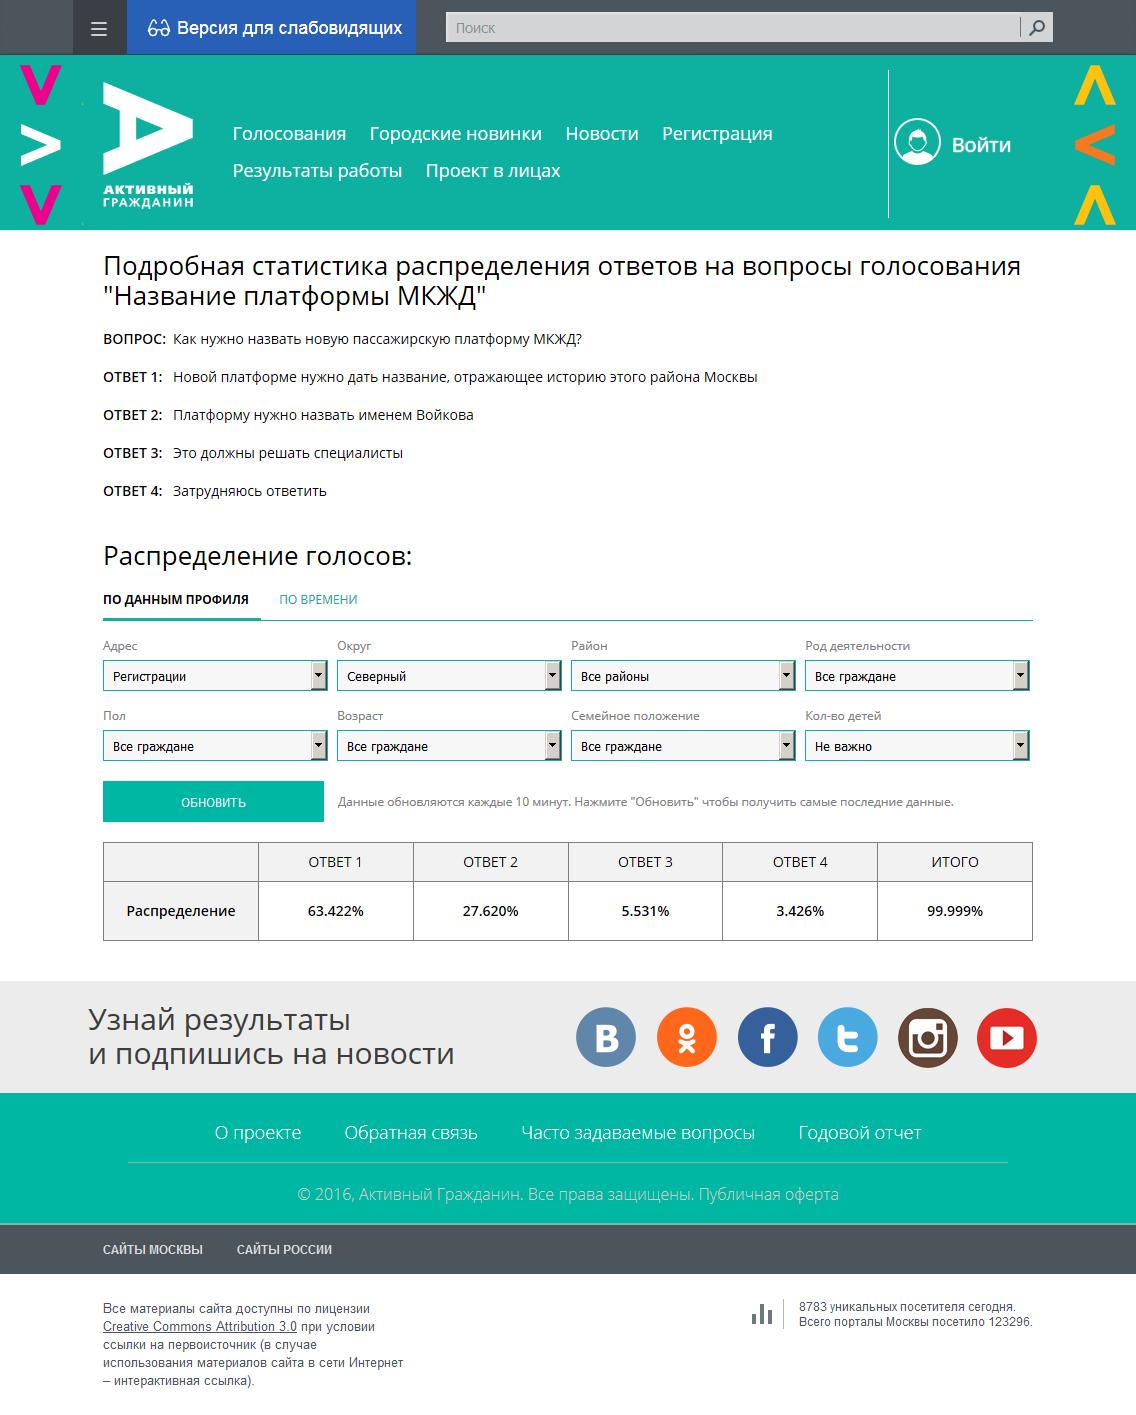 Подробная статистика распределения ответов на вопросы голосования «Название платформы МКЖД». САО